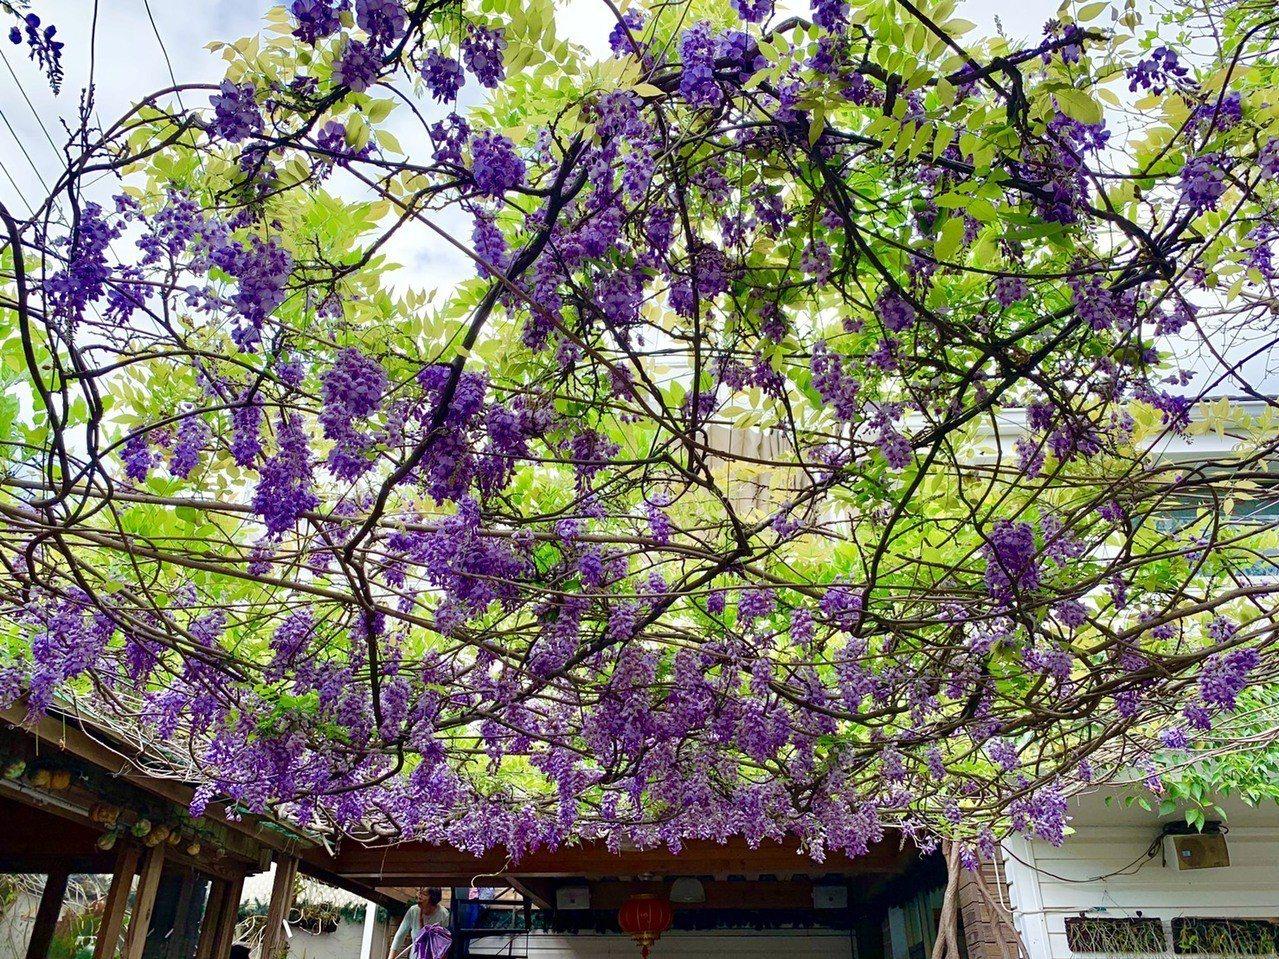 林姓夫婦在自家的院子棚架上栽植紫藤花,超過20年的老紫藤順著棚架蔓爬,一串串下垂...